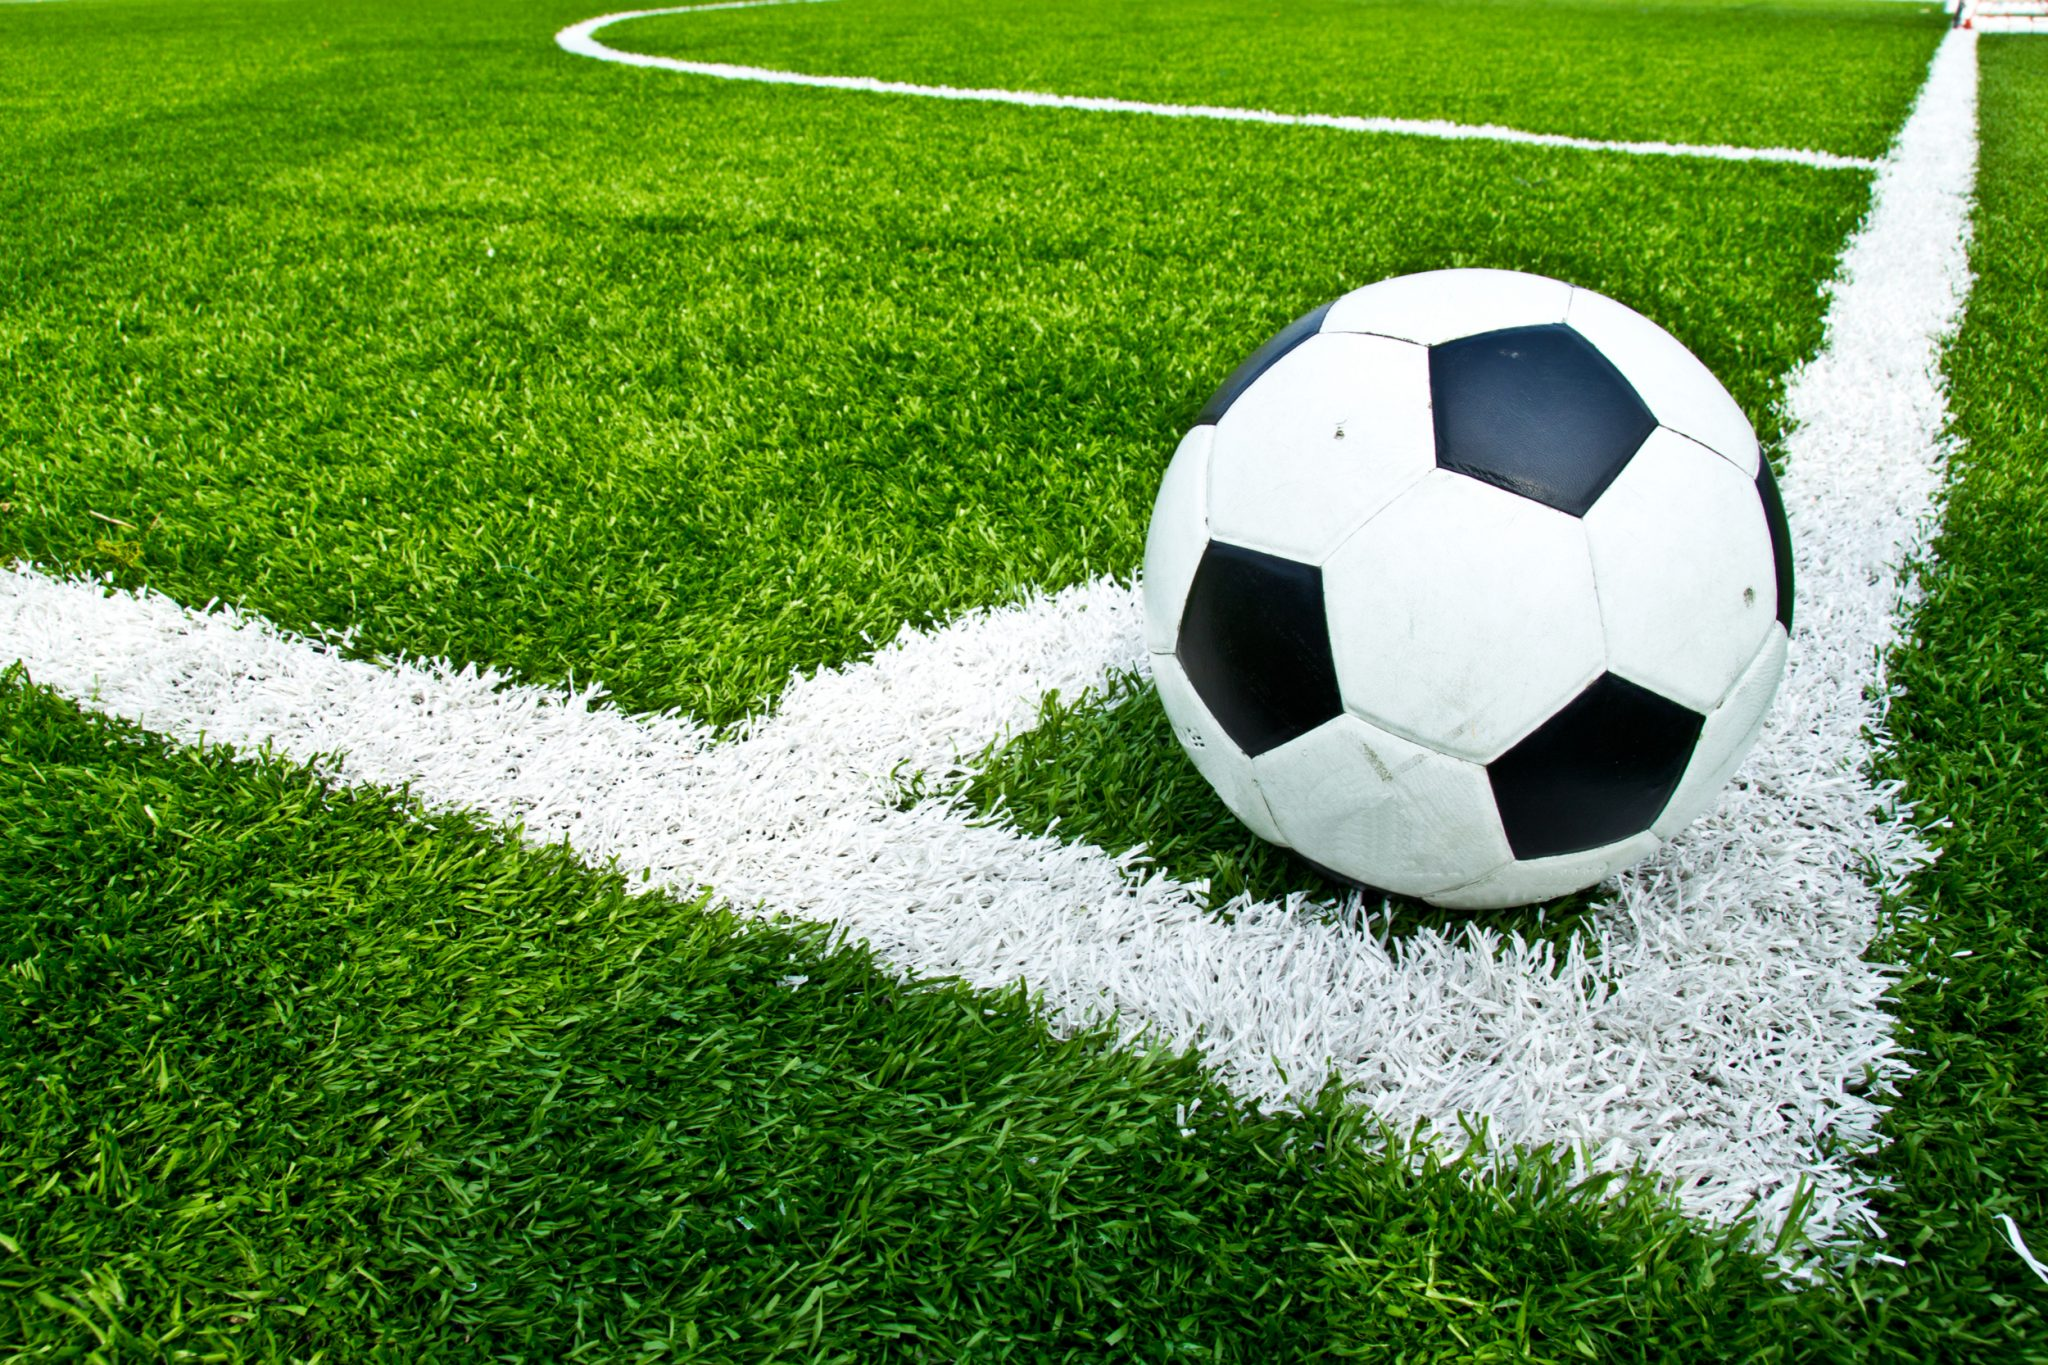 Best Turf for Soccer Fields